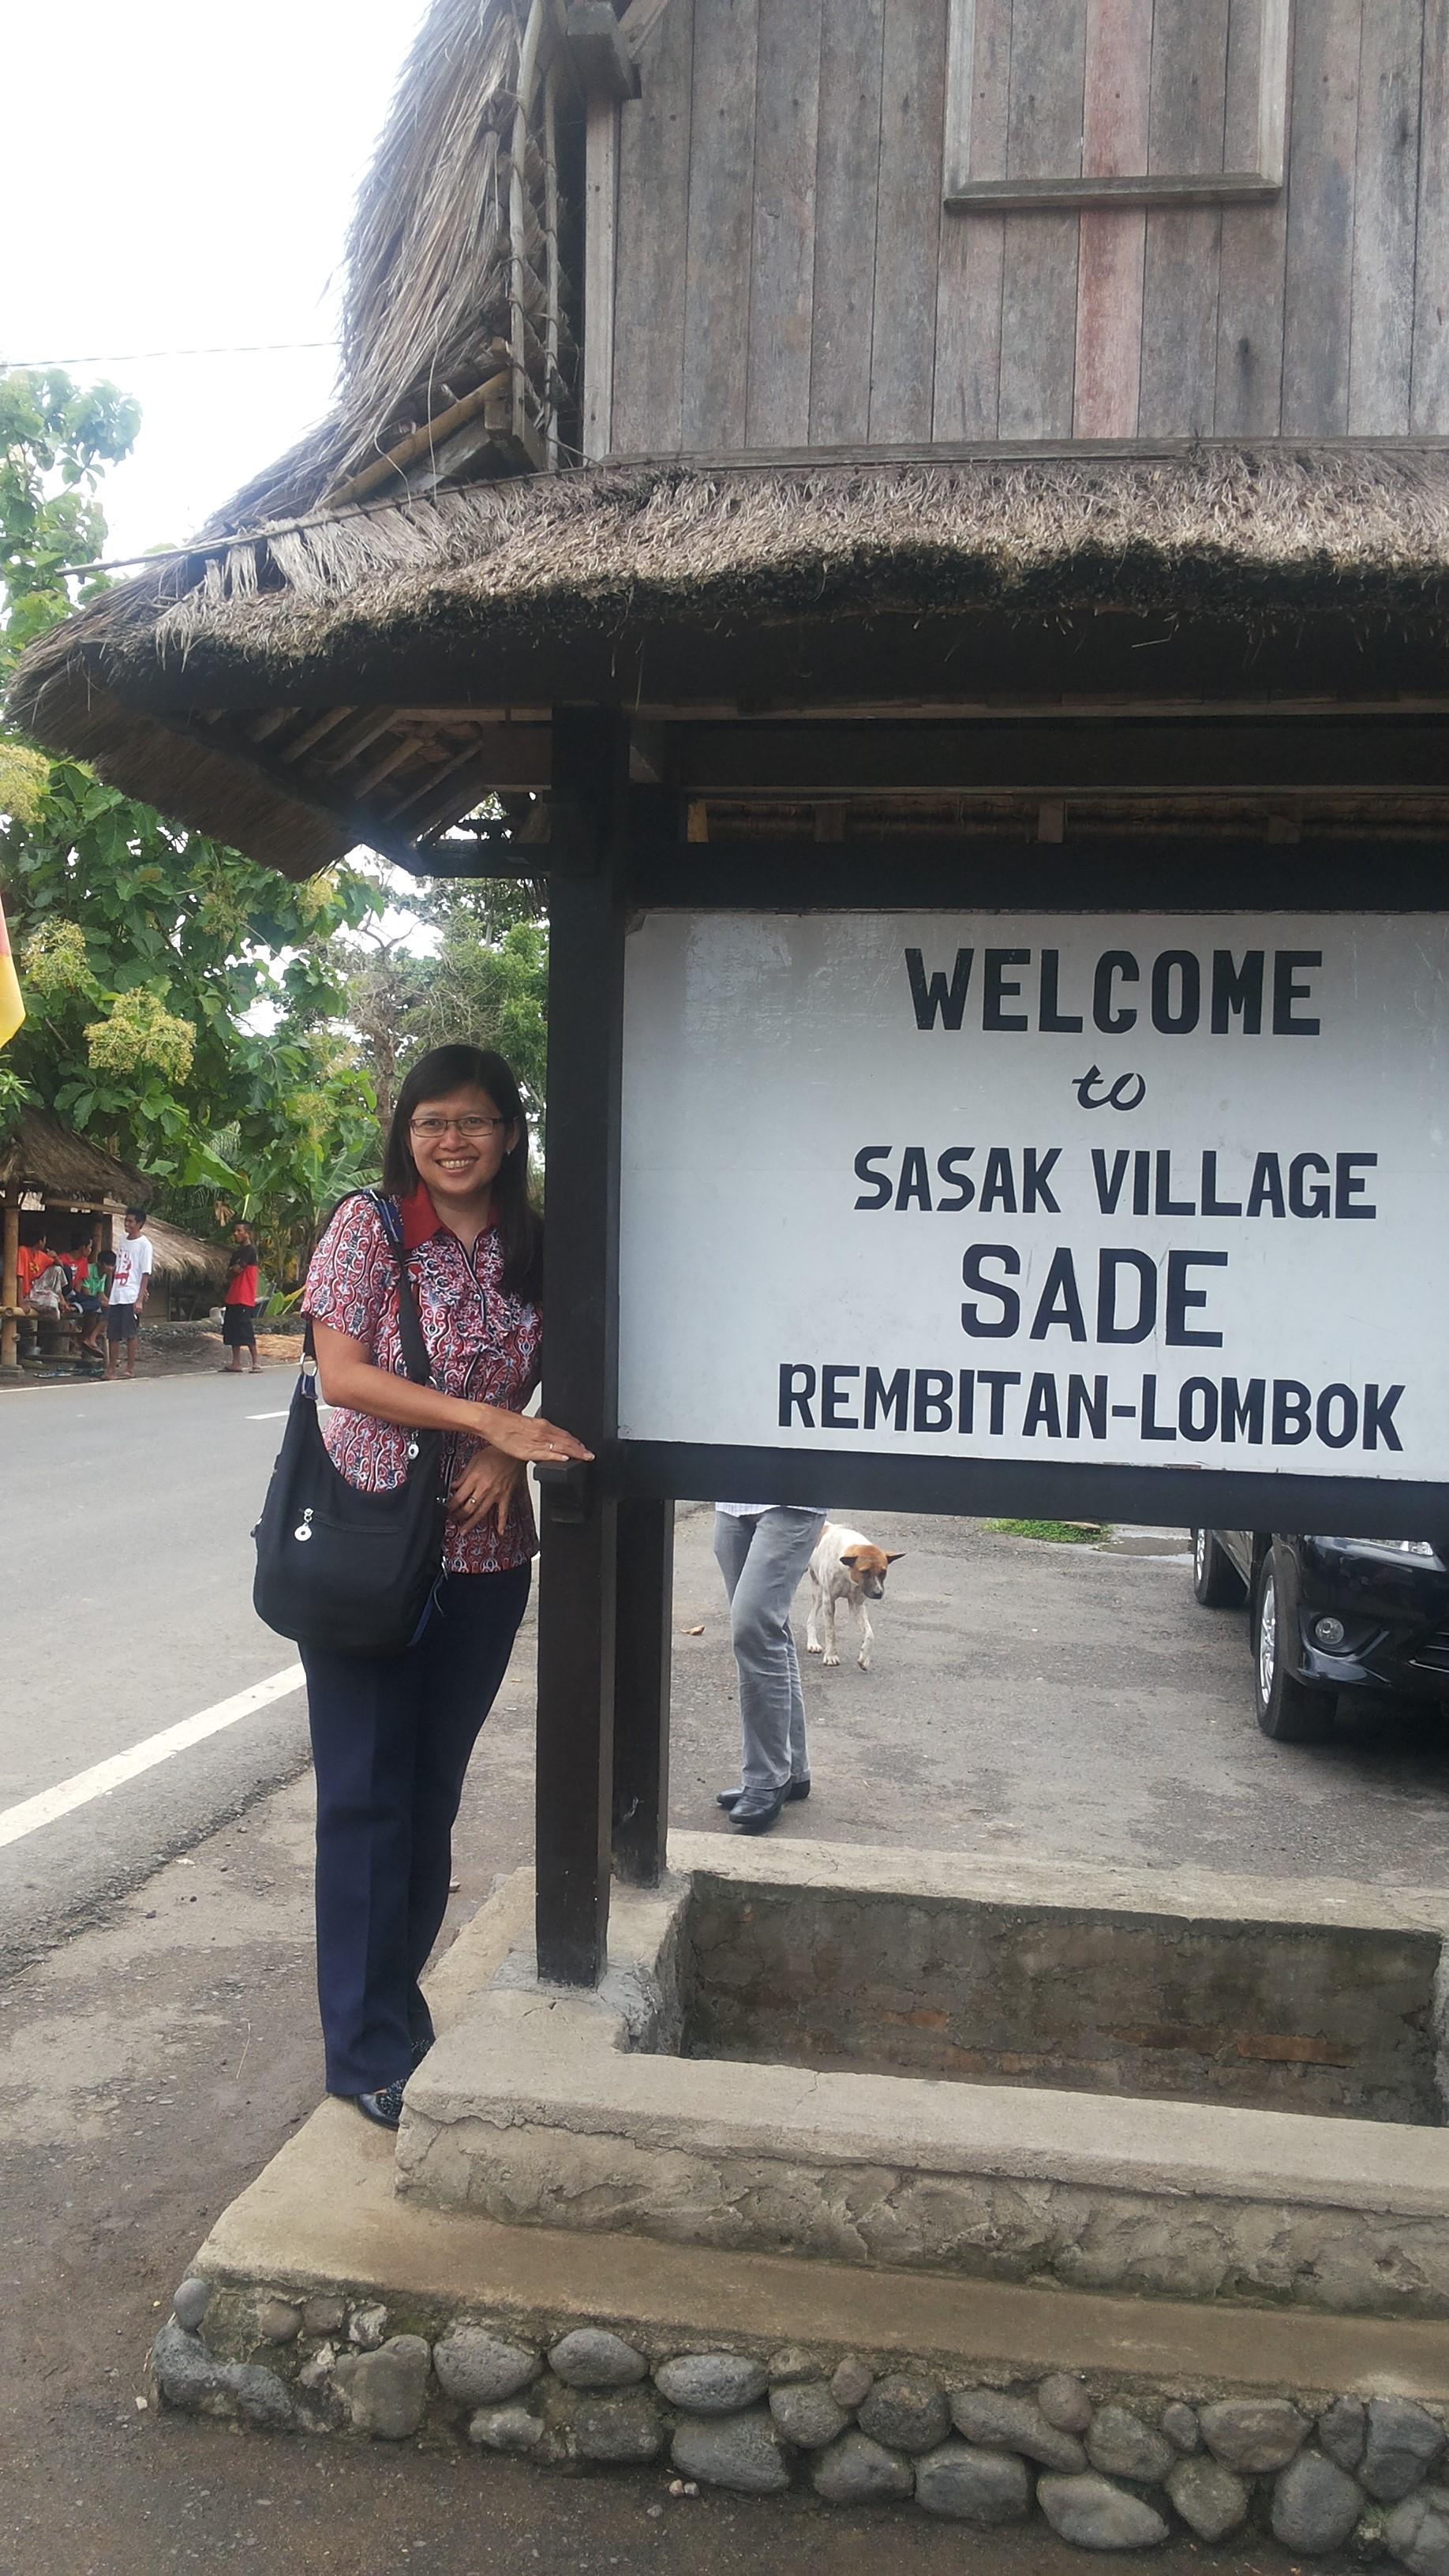 Kemasan Kearifan Lokal Kampung Adat Sade Oleh Deliana Setia Gambar